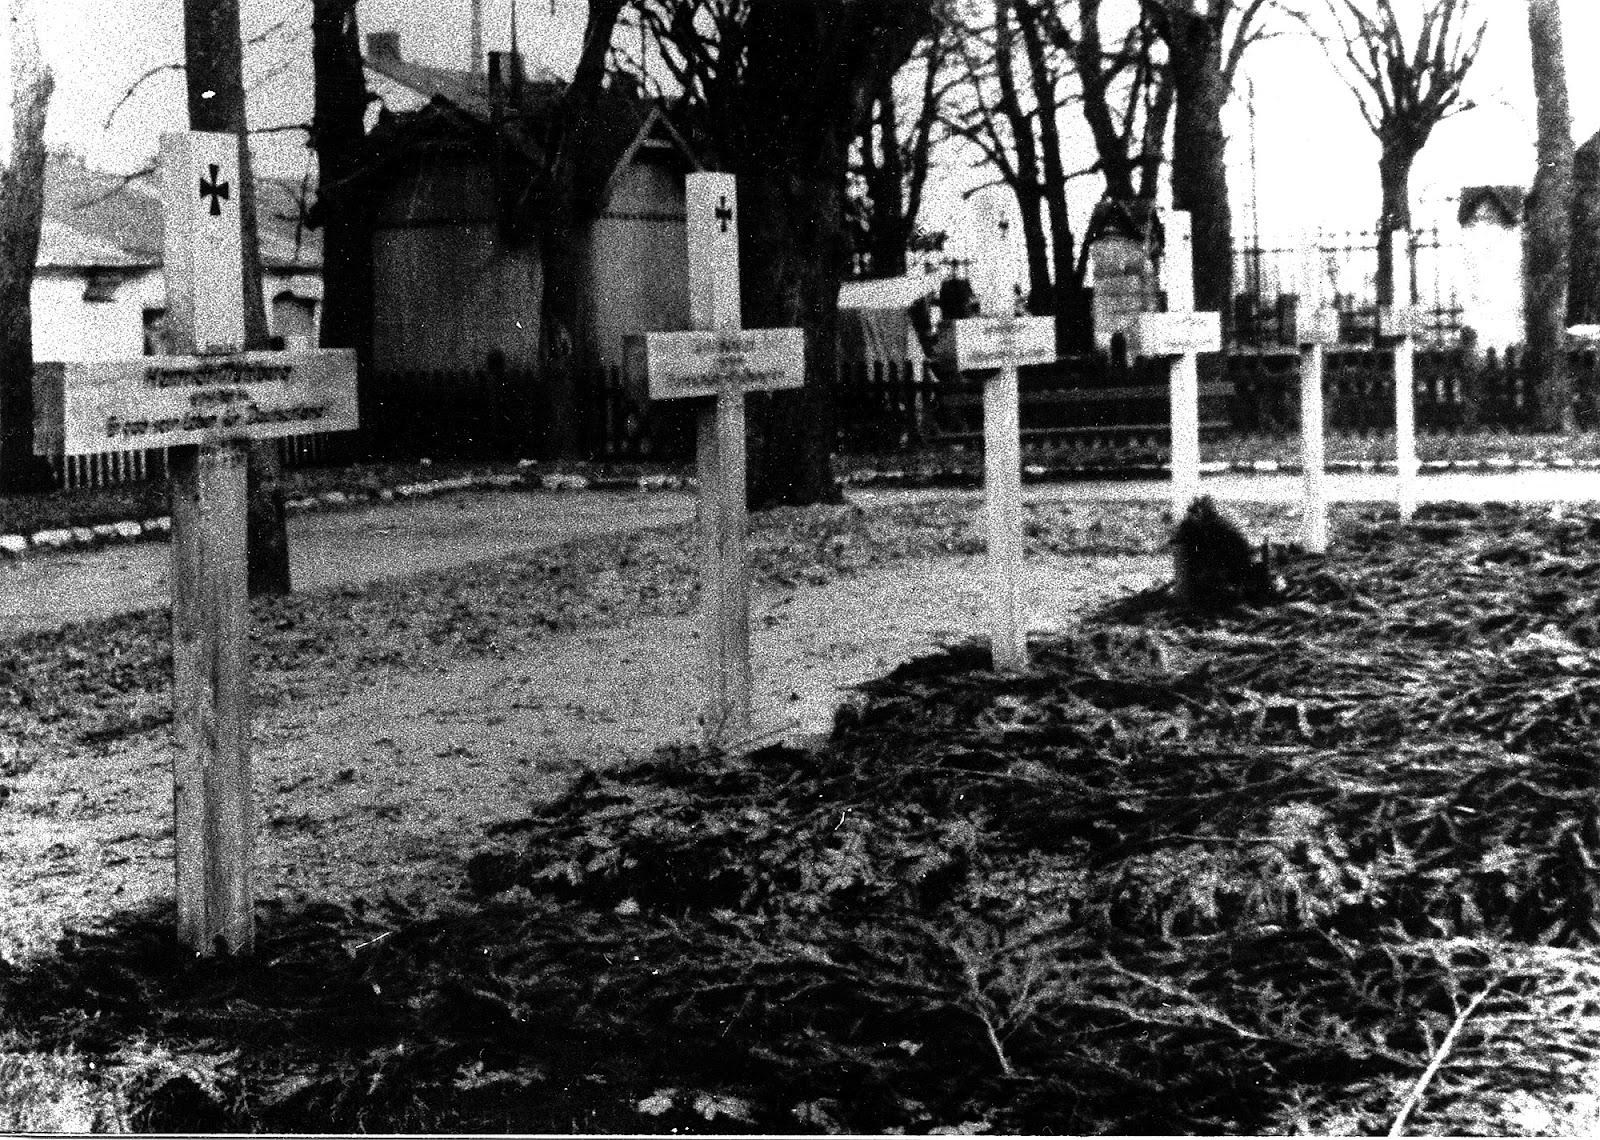 Widok na Ehrenfriedhof Konskie. Na pierwszym planie groby żołnierzy ekshumowanych wiosną 1940 roku w Kazanowie i przeniesionych do Końskich. Zdjęcie wykonane zapewne jesienią 1940 roku. W głębi ogrodzenie kościoła p.w. św. Mikołaja. Skan fotografii udostępnił Ryszard Cichoński.